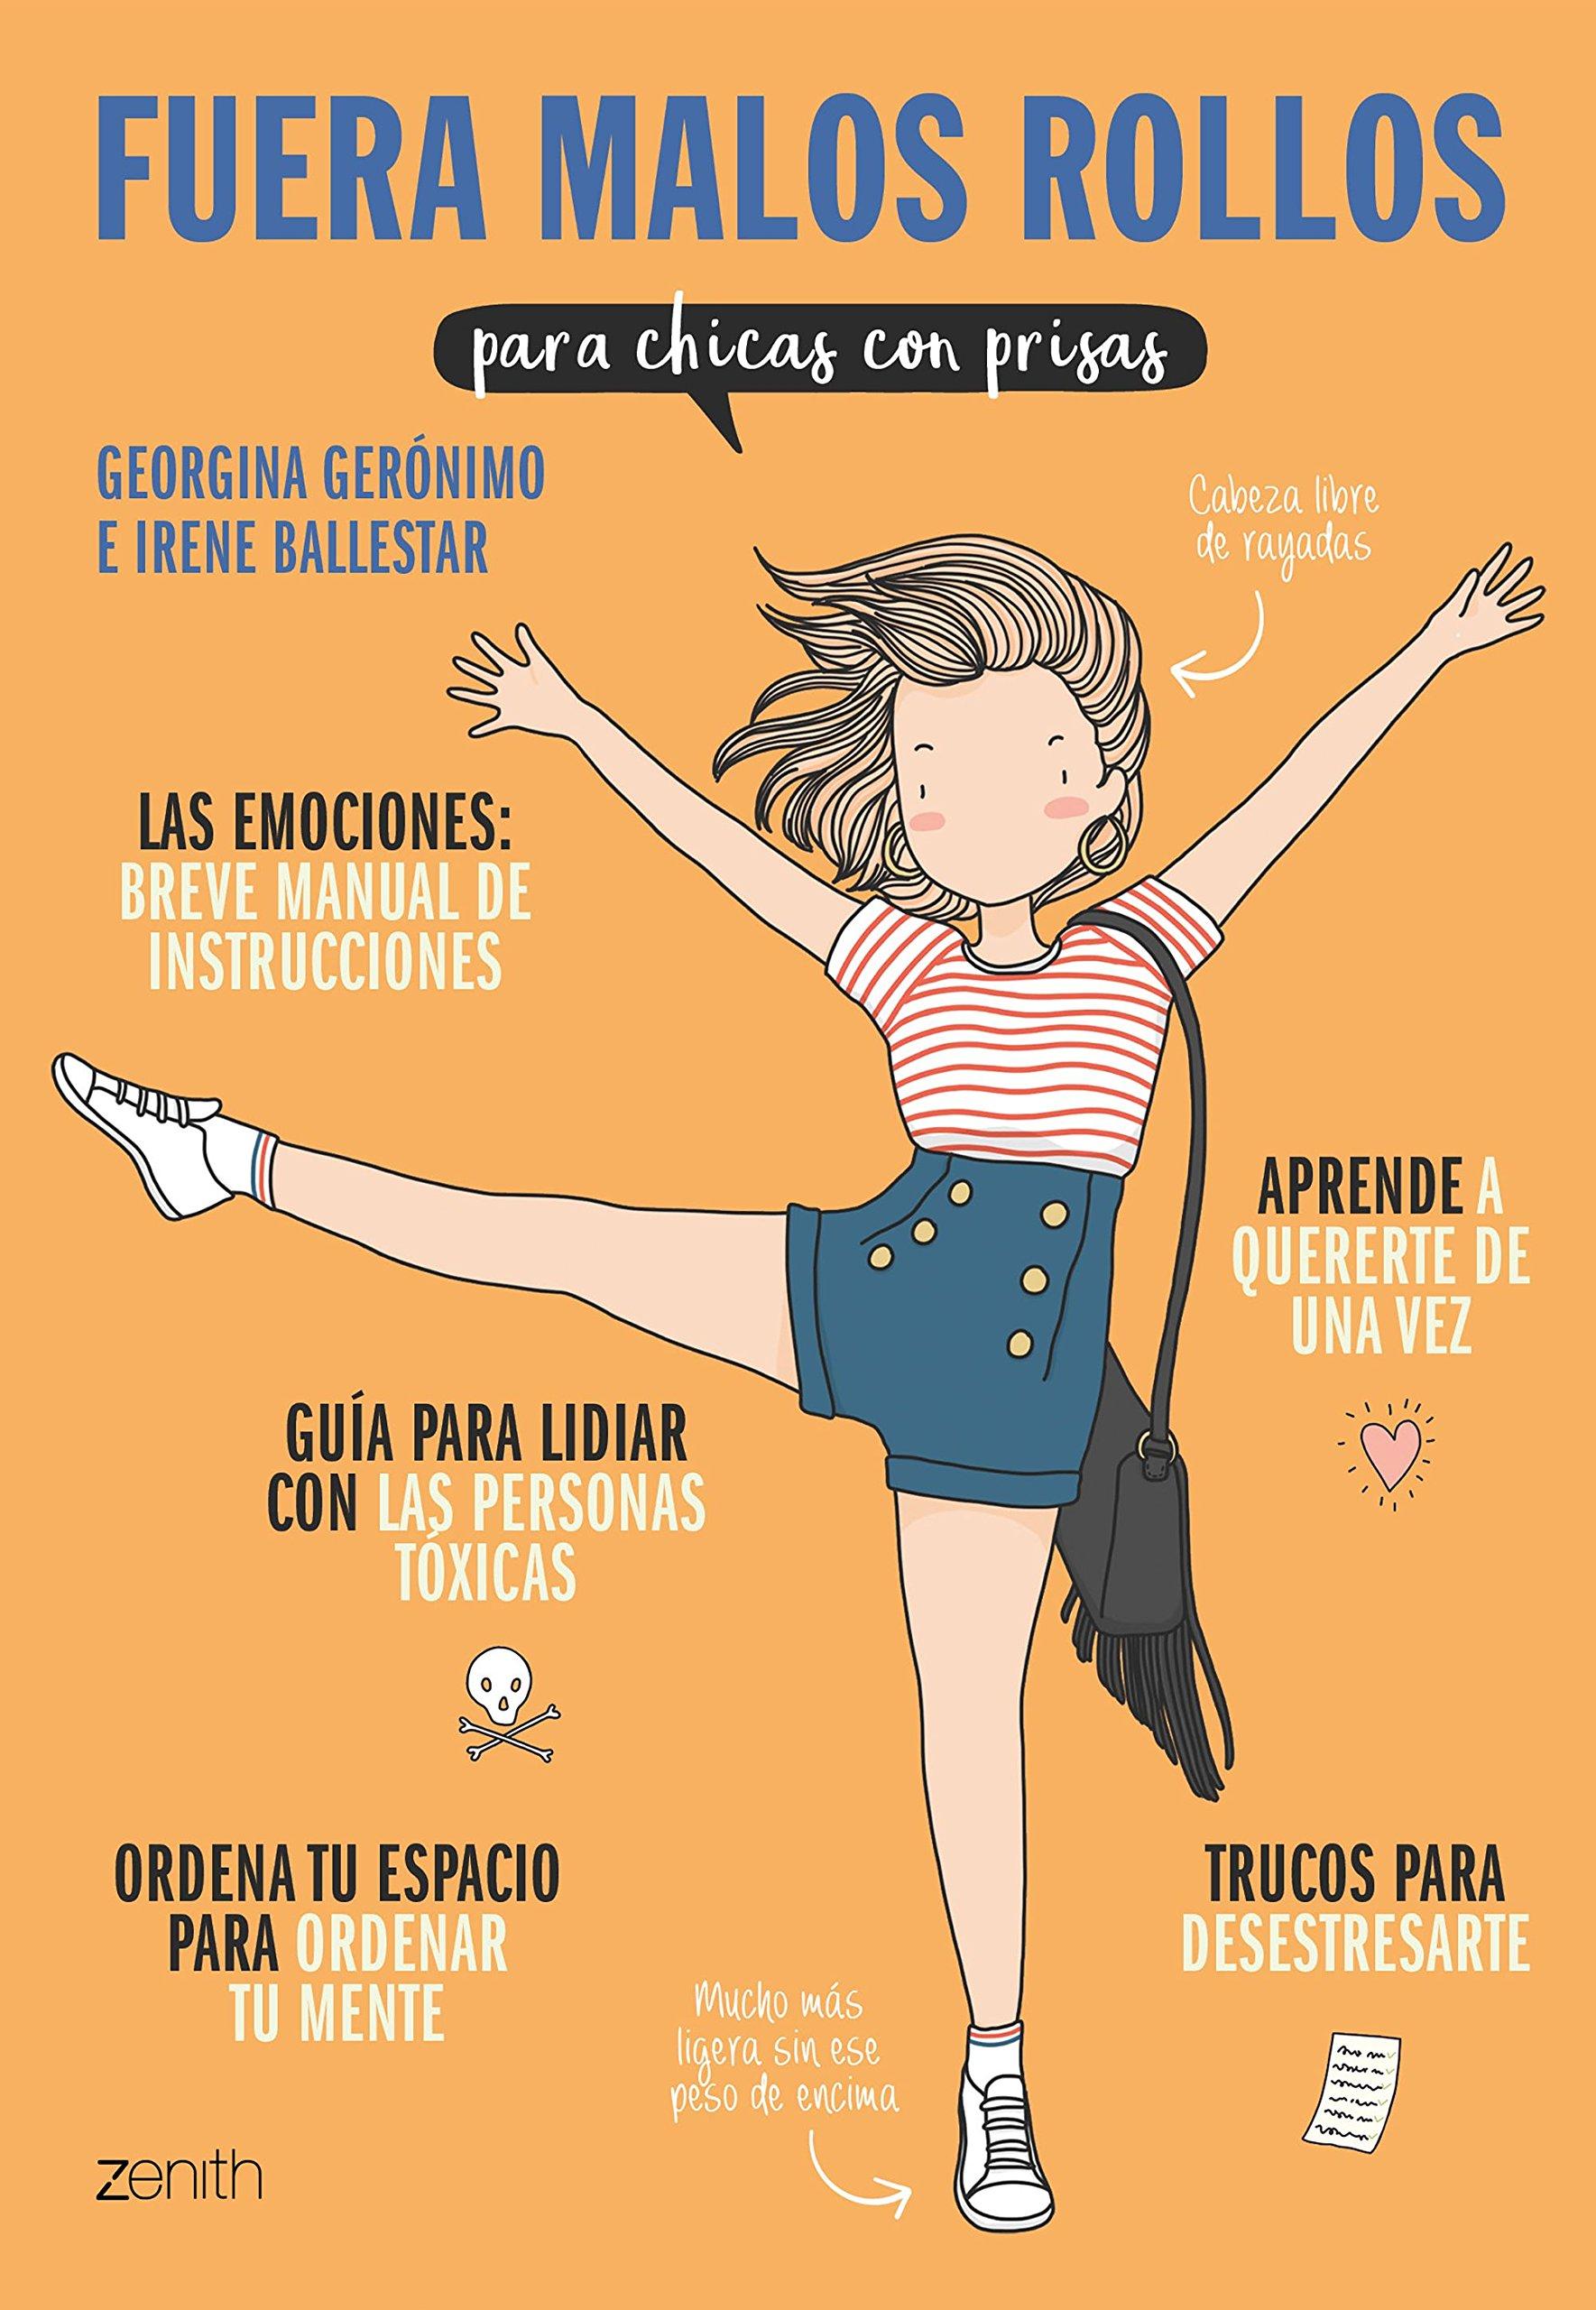 Fuera malos rollos para chicas con prisas: Amazon.es: Georgina Gerónimo, Irene Ballestar: Libros